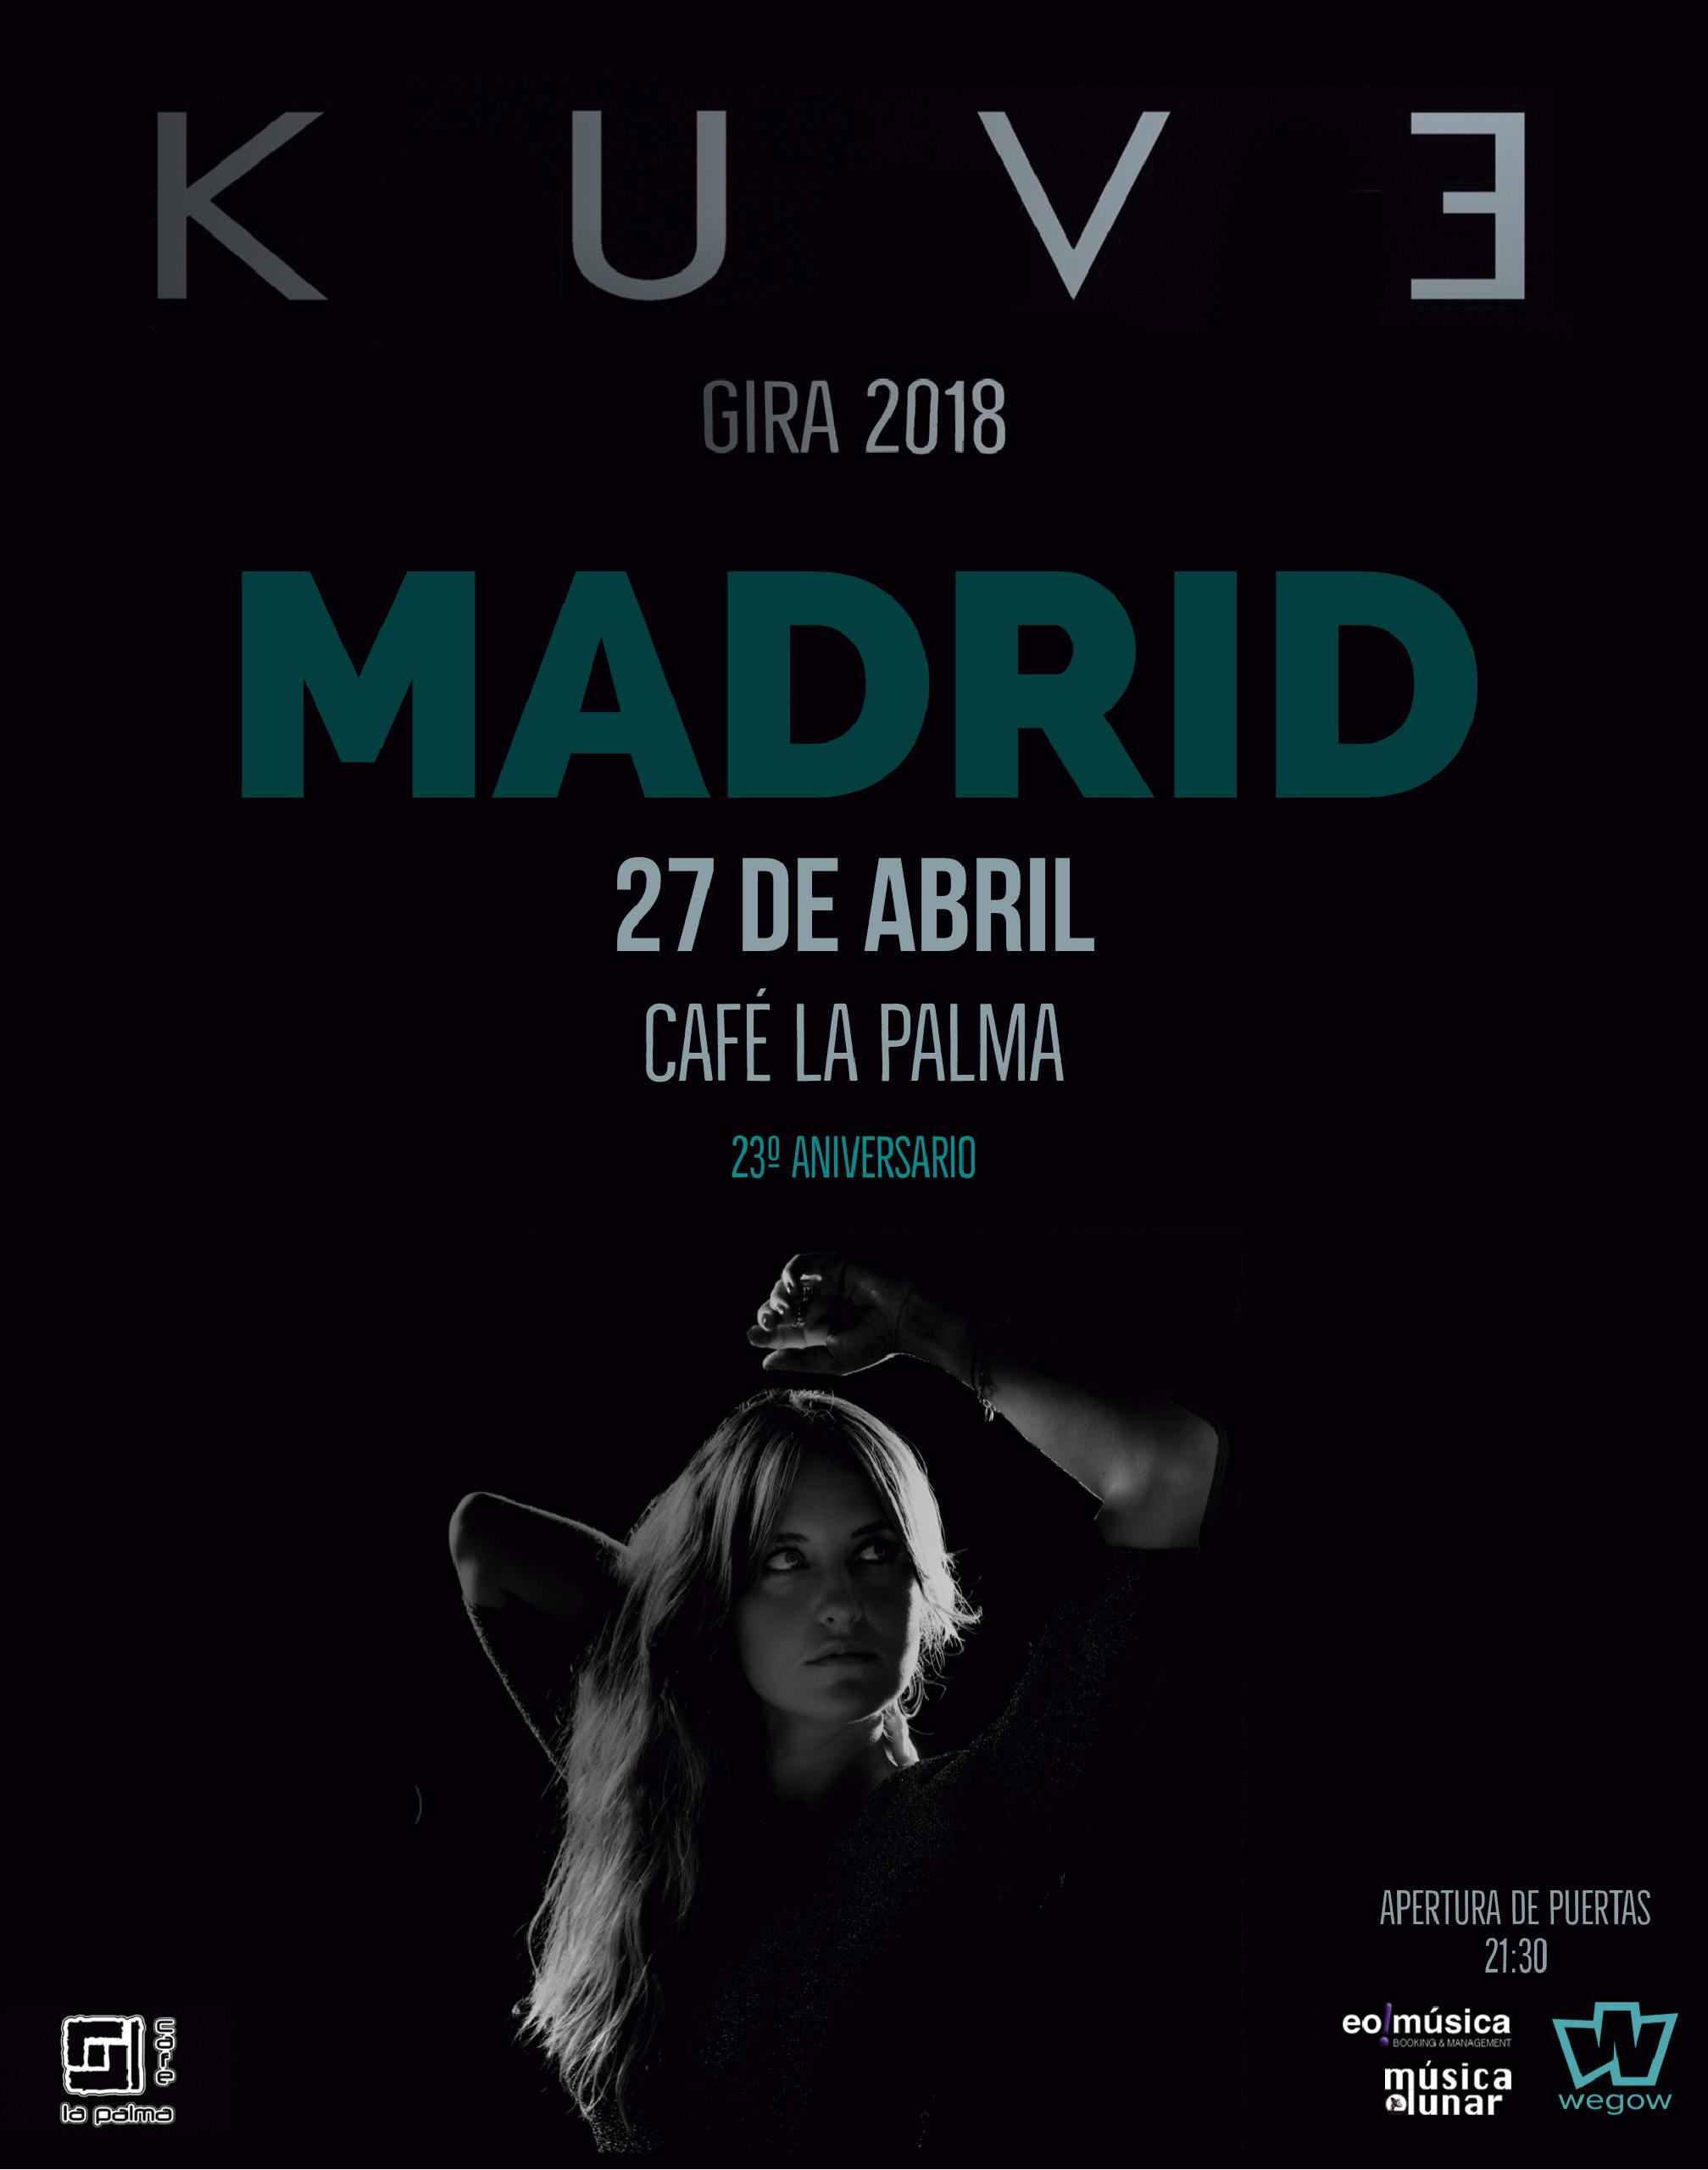 Concierto de KUVE en Madrid